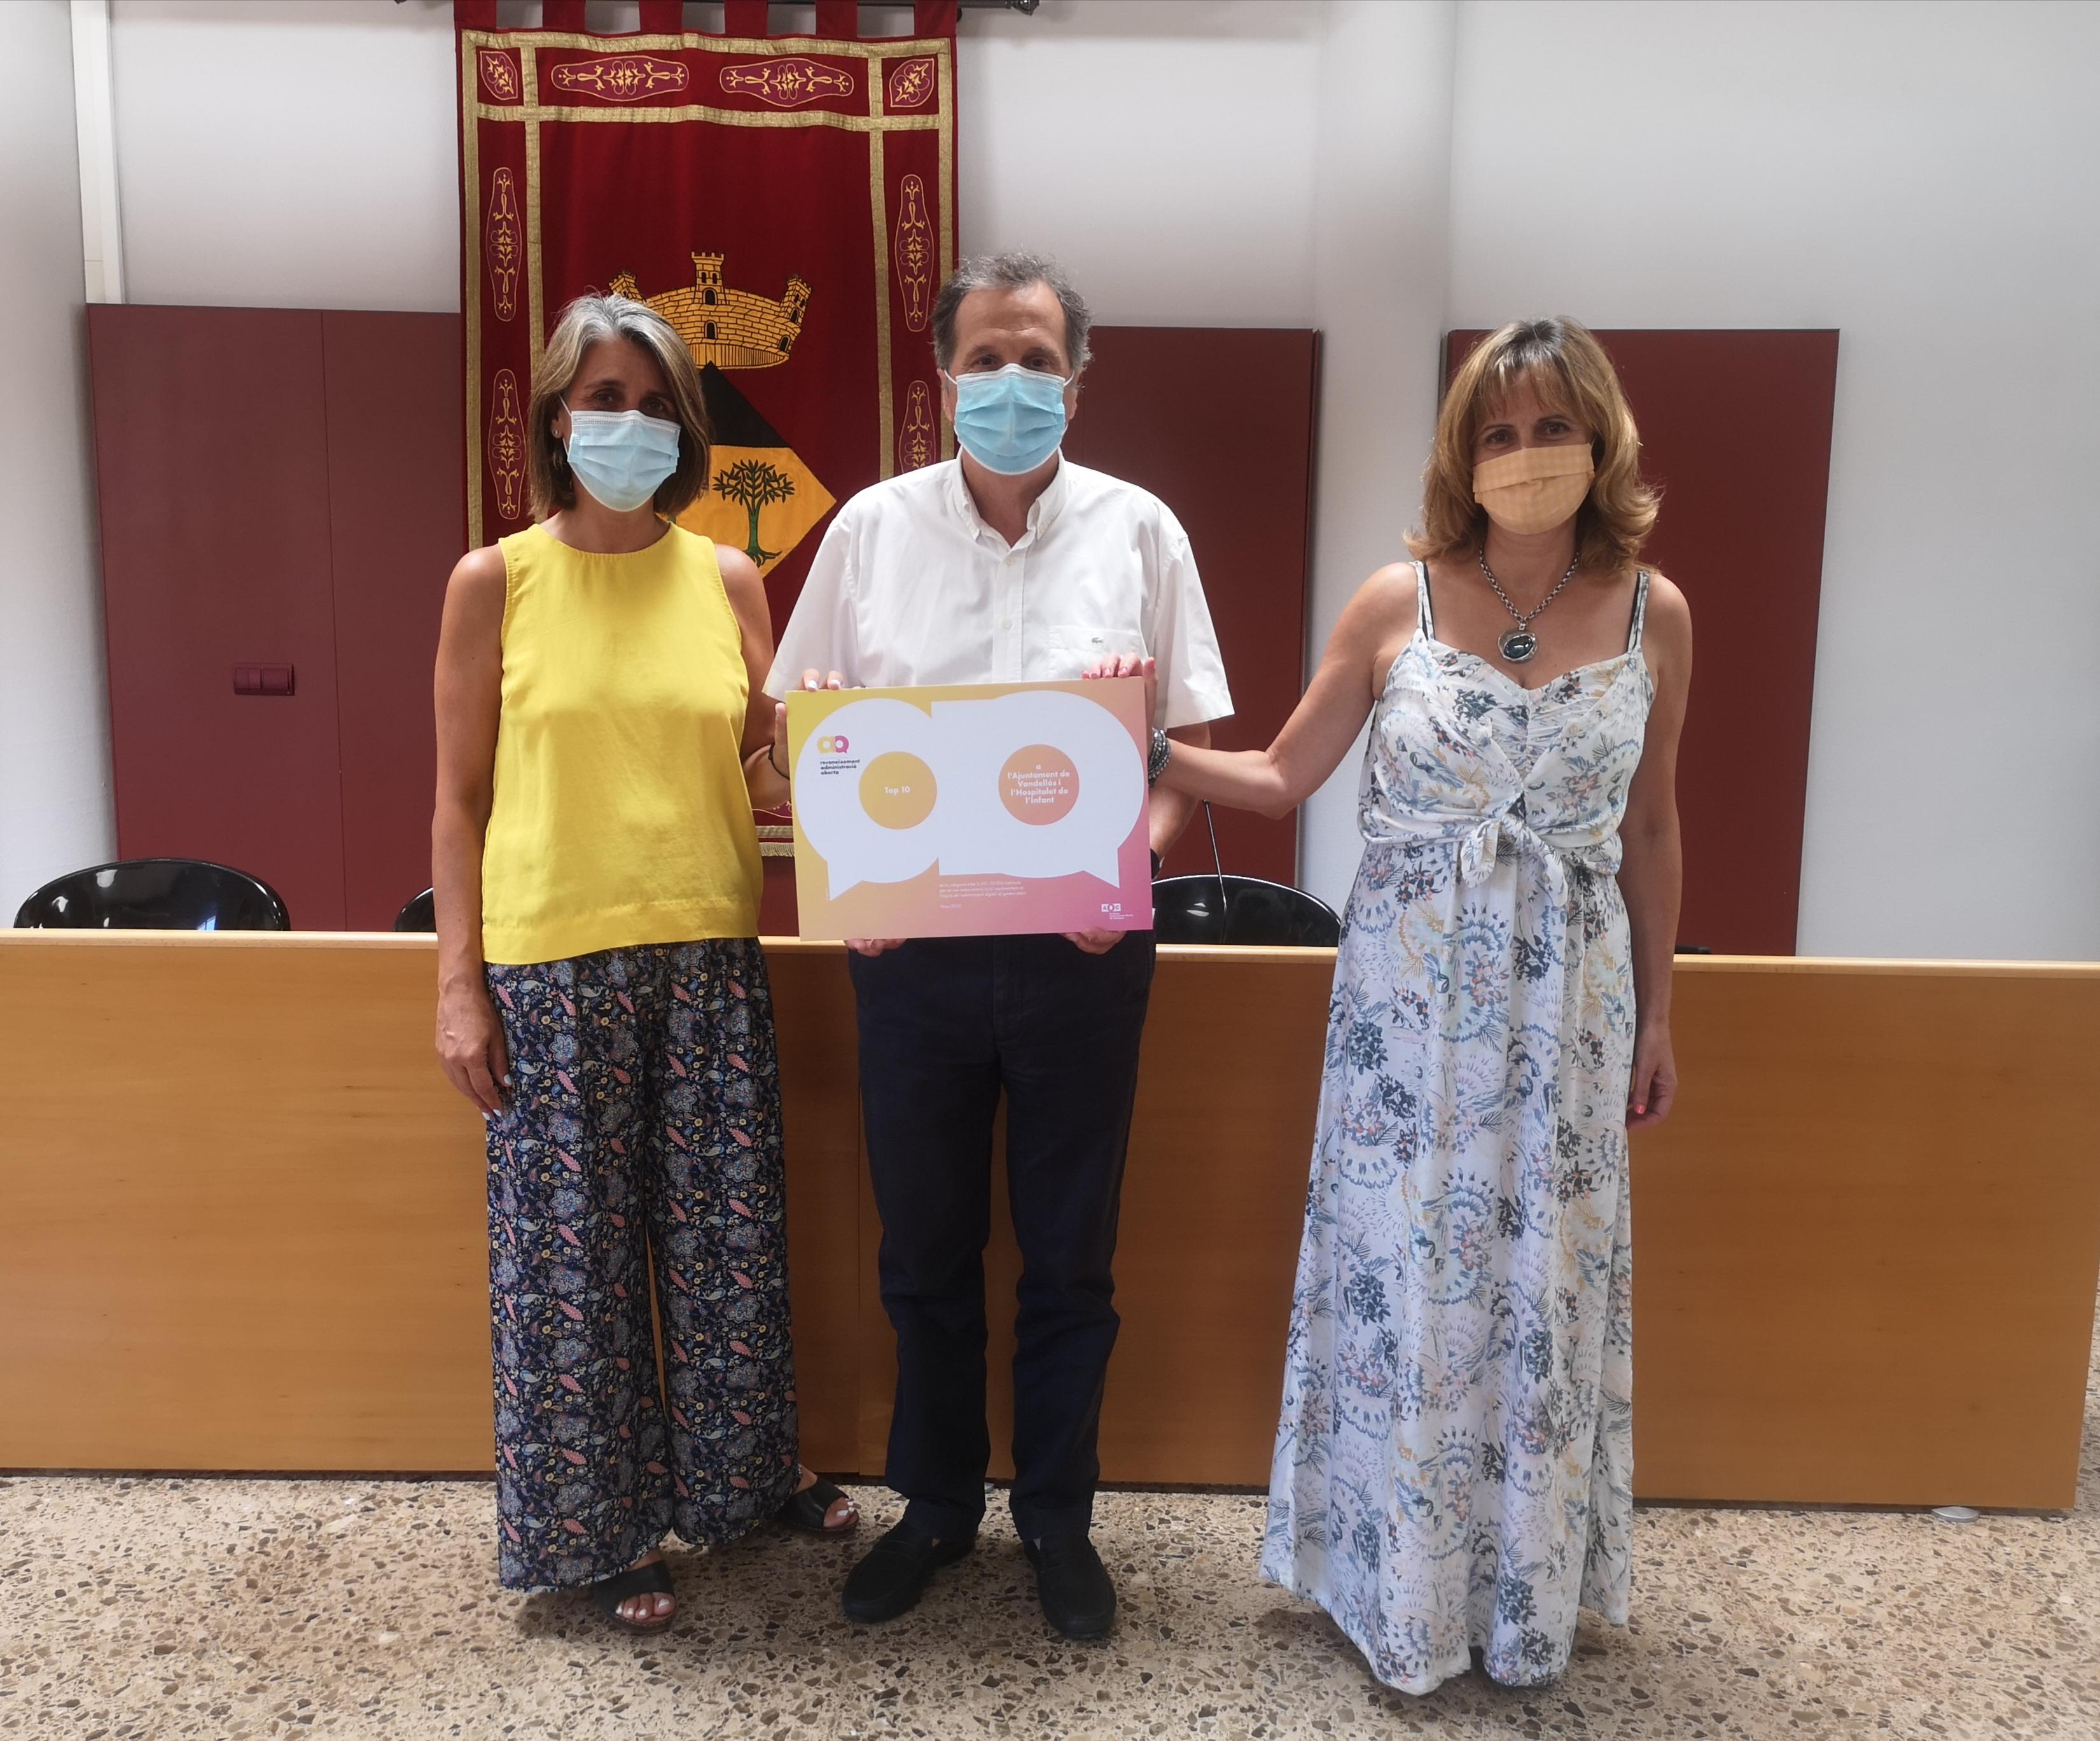 L'Ajuntament de Vandellòs i l'Hospitalet de l'Infant és reconegut per l'Administració Oberta de Catalunya pel seu impuls en la transformació digital